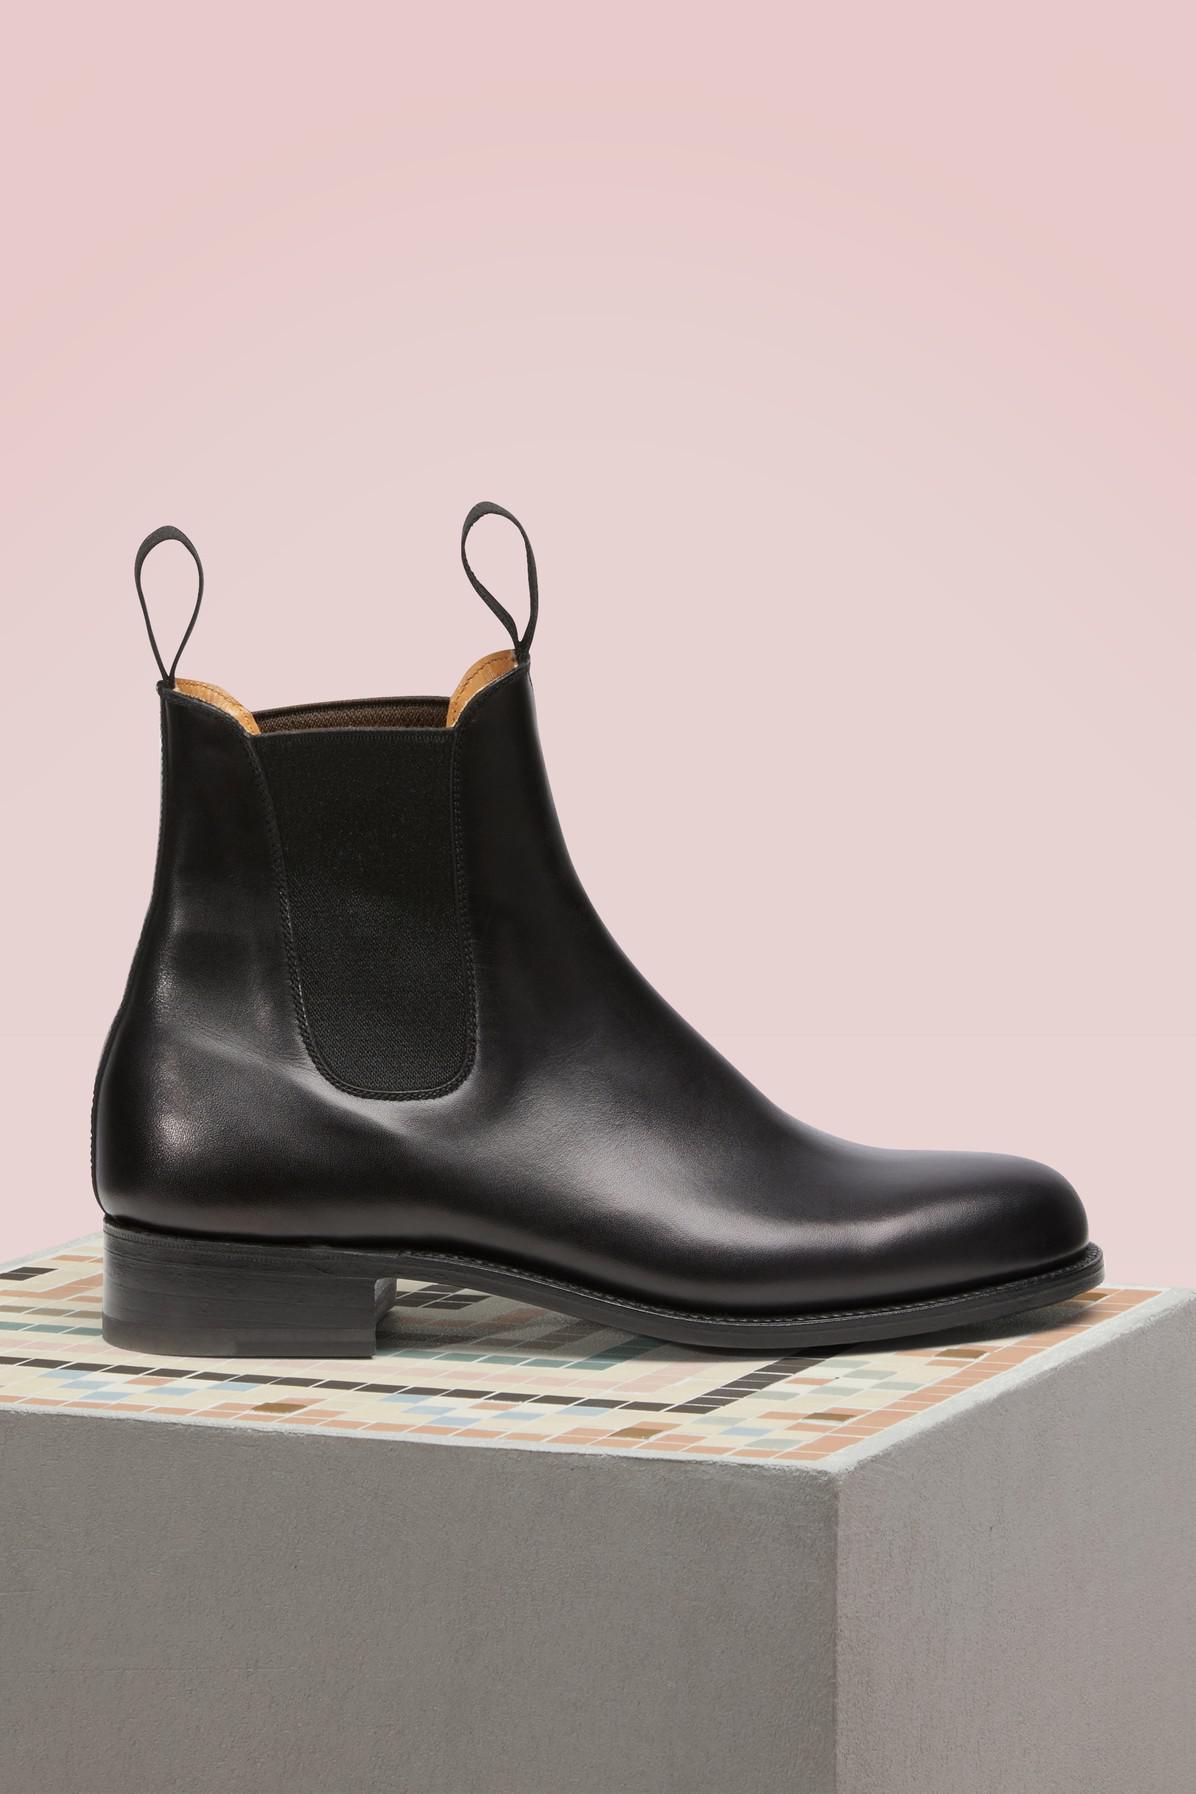 J.M. Weston. Women's Black Cambre Box Calf Chelsea Boots